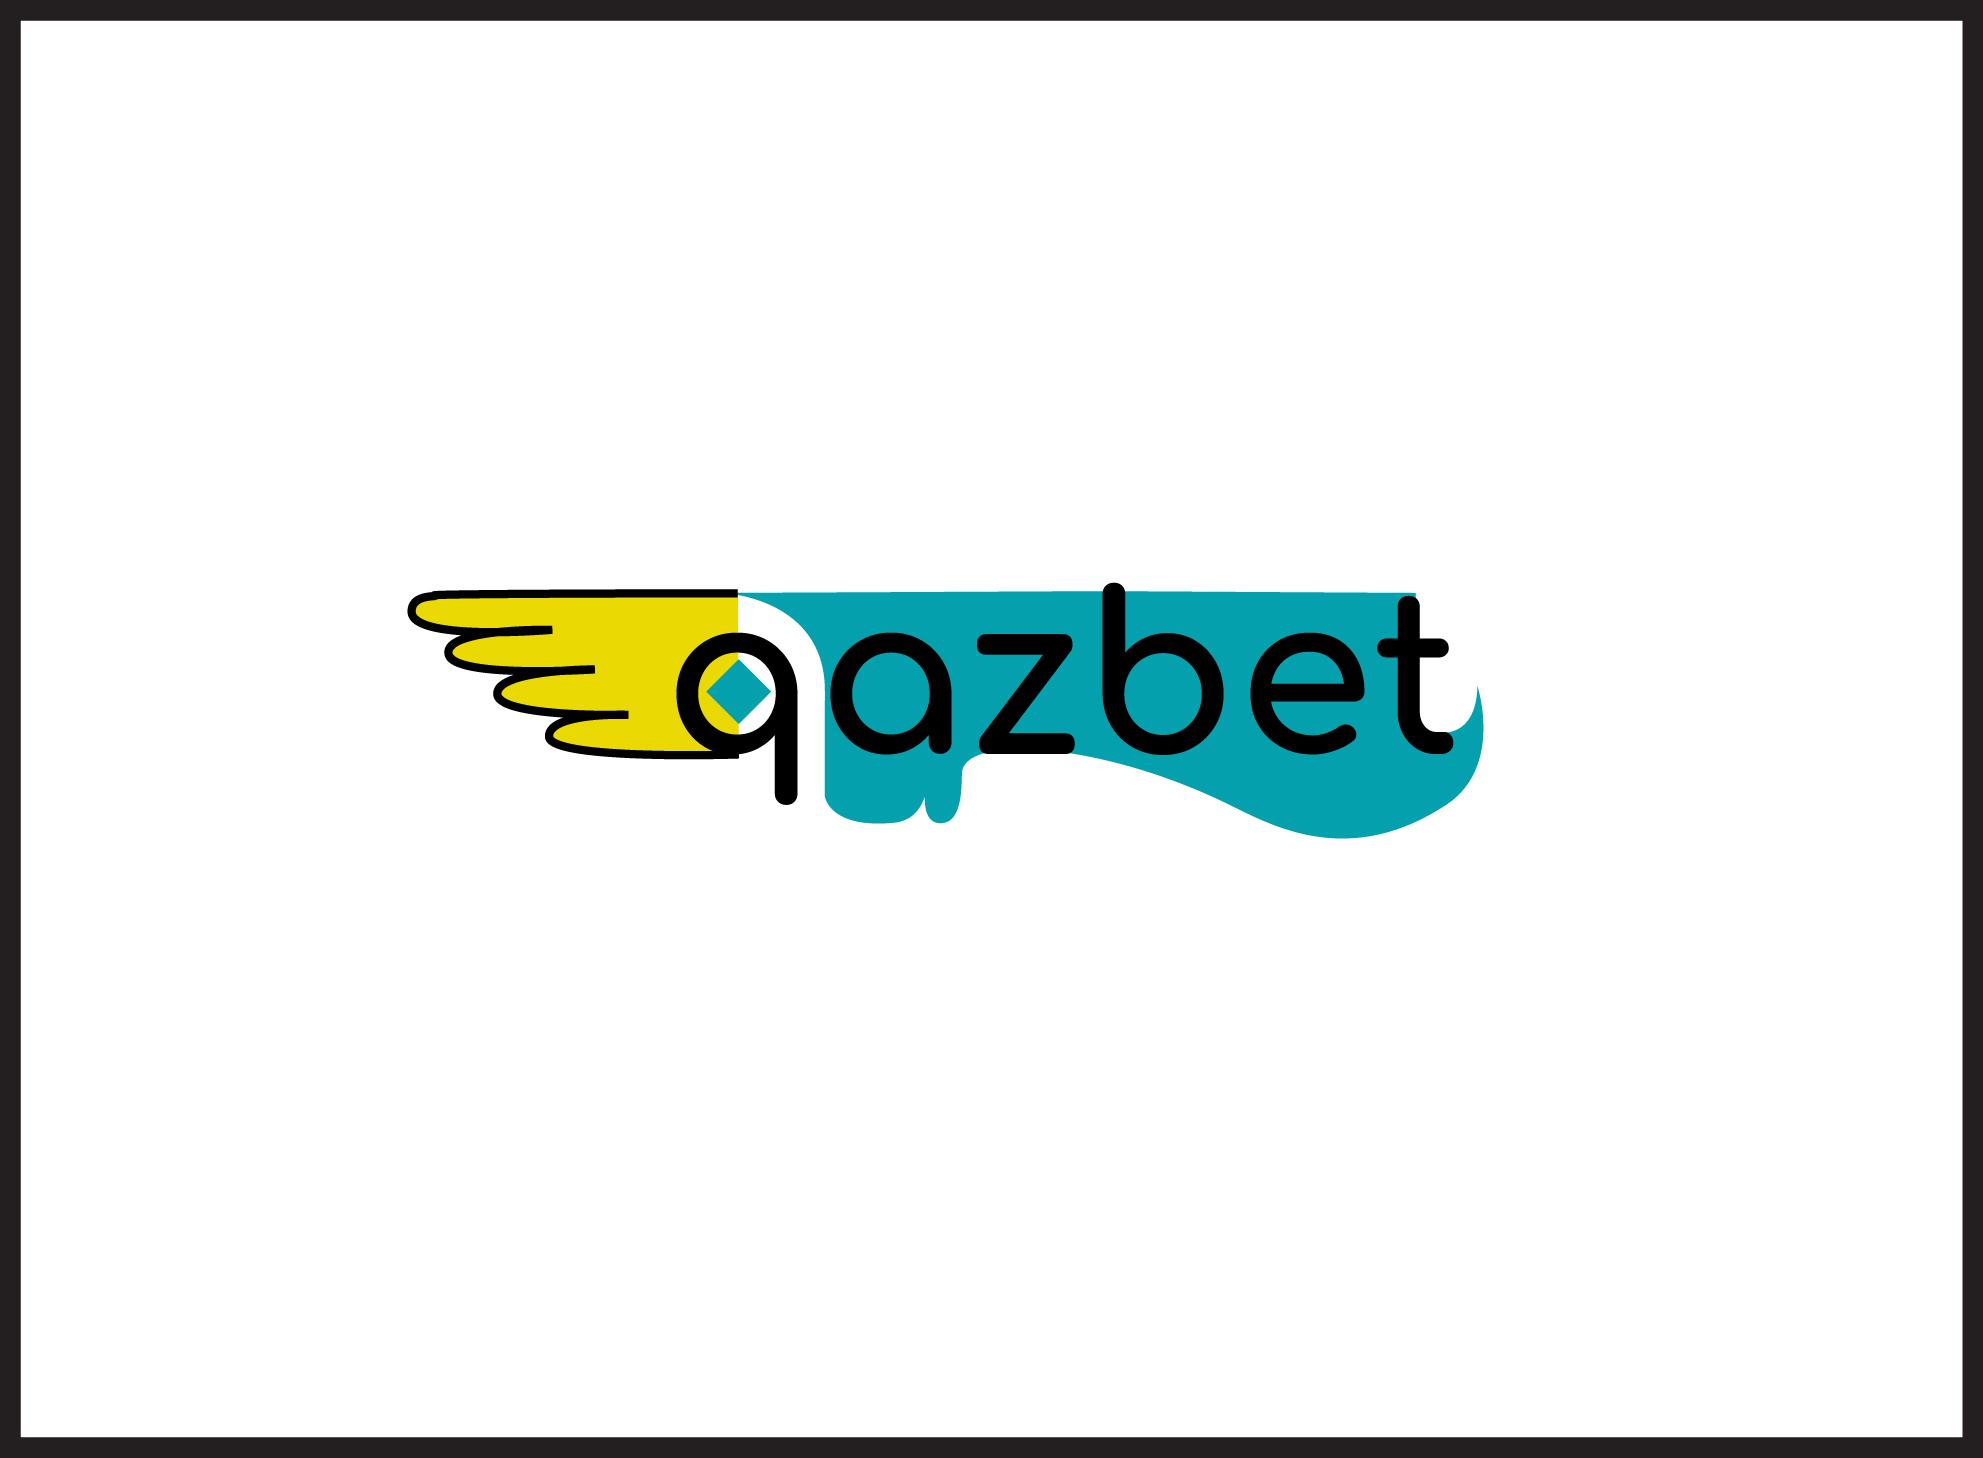 Разработать современный логотип фото f_1775df167bdd2ee6.jpg